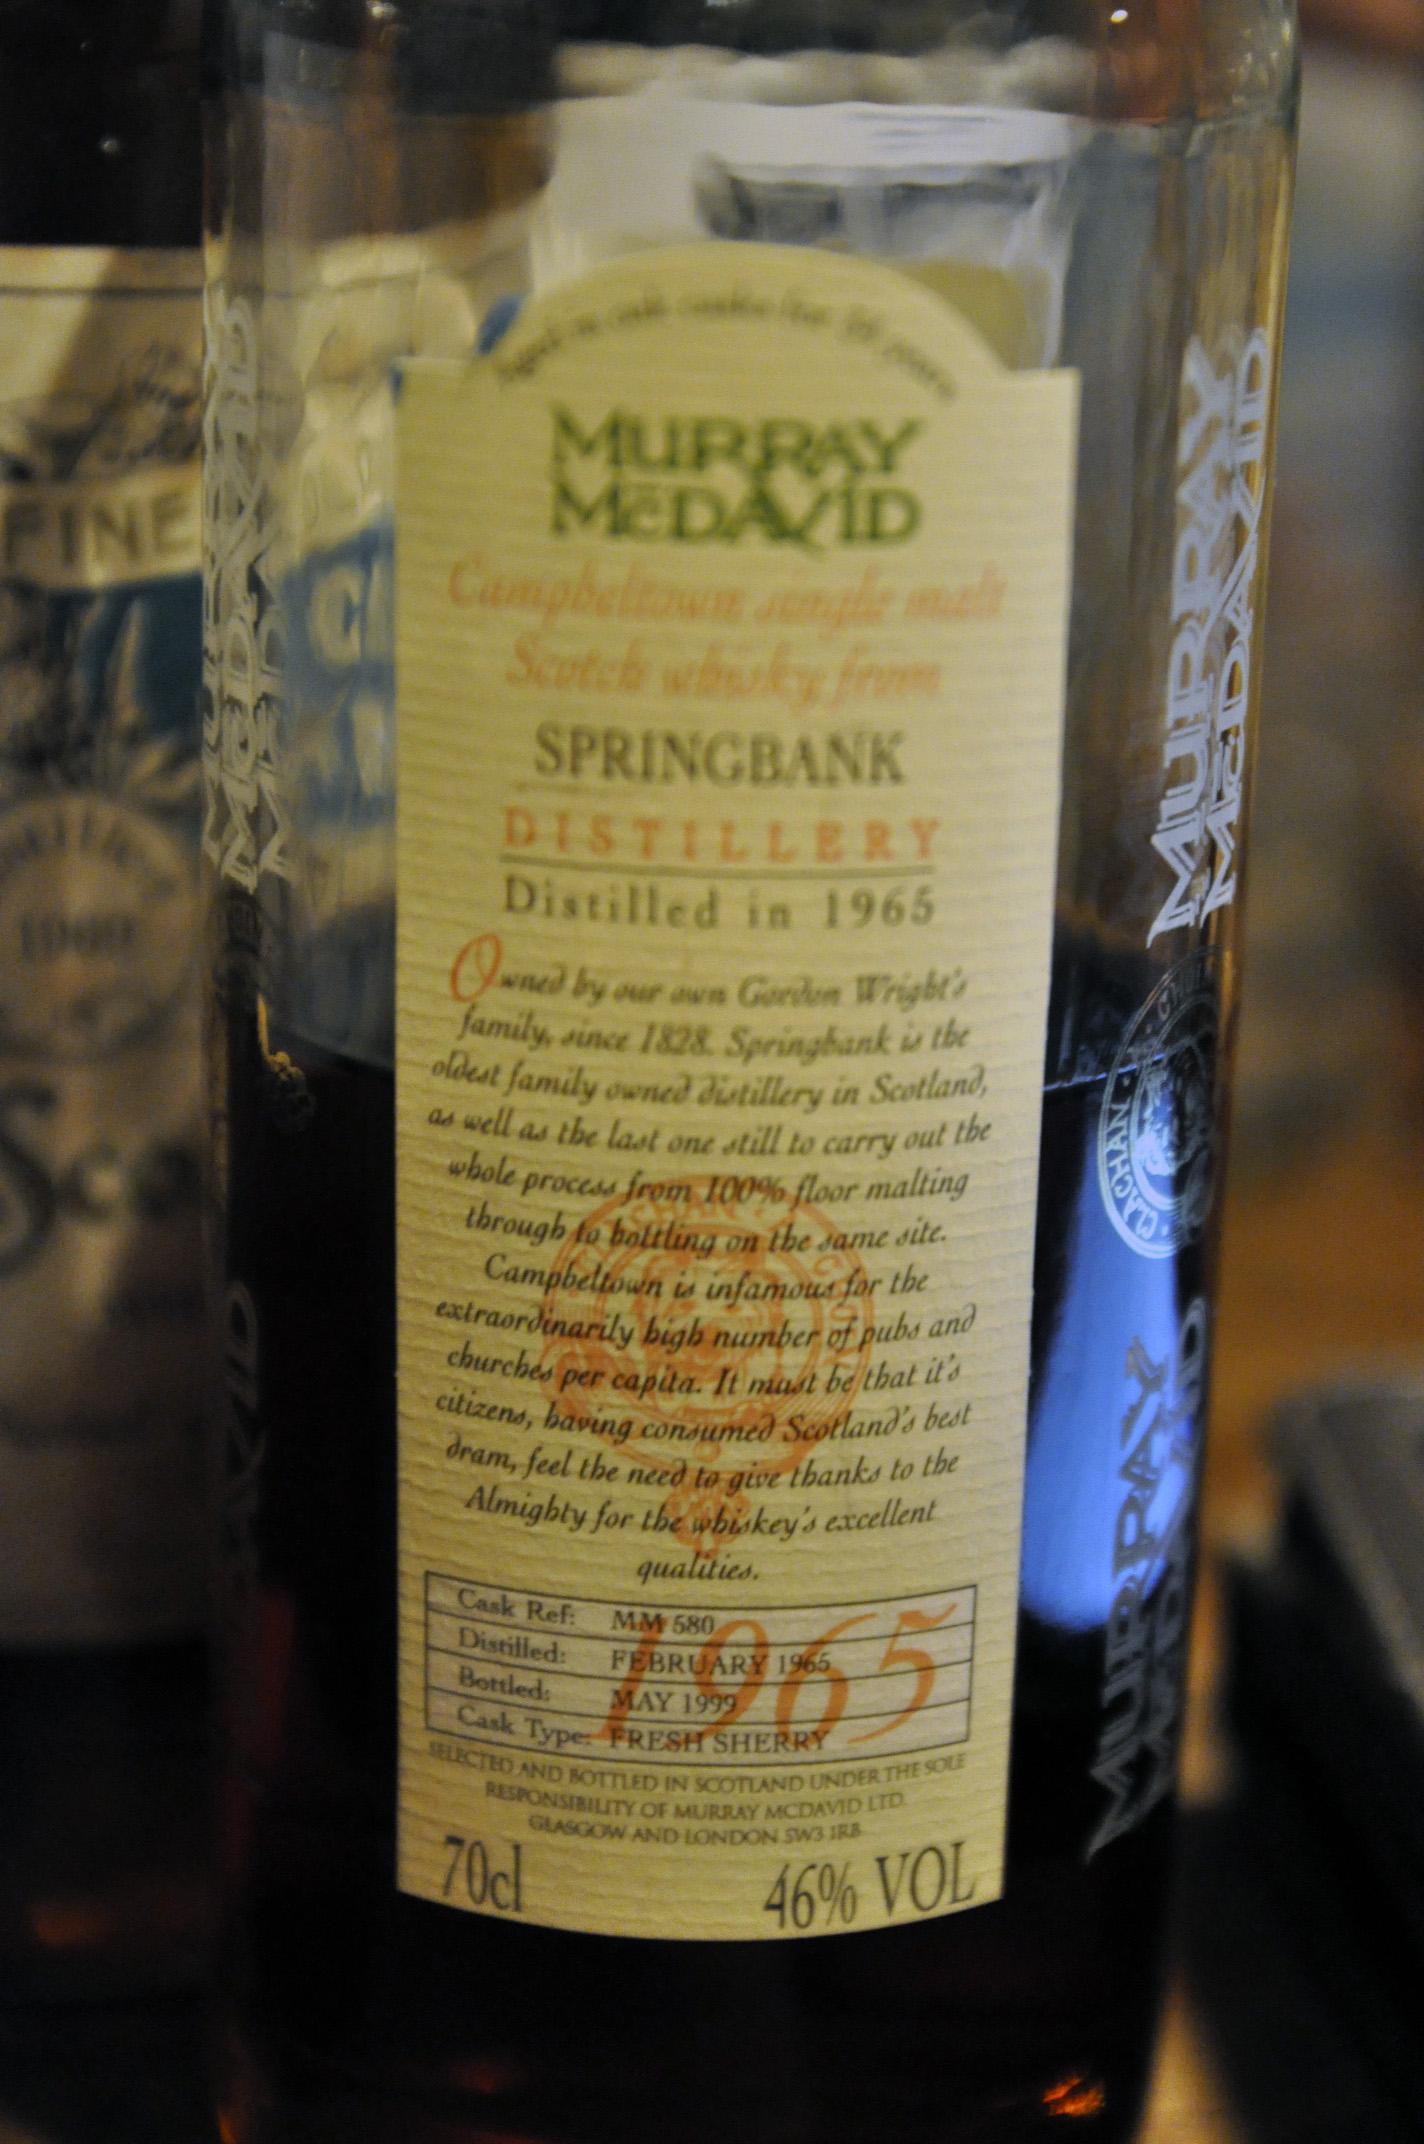 スプリングバンク Springbank 34yo 1965/1999 (46.0%, Murray McDavid, cask ref MM580. cask type  fresh sherry, 204bts)